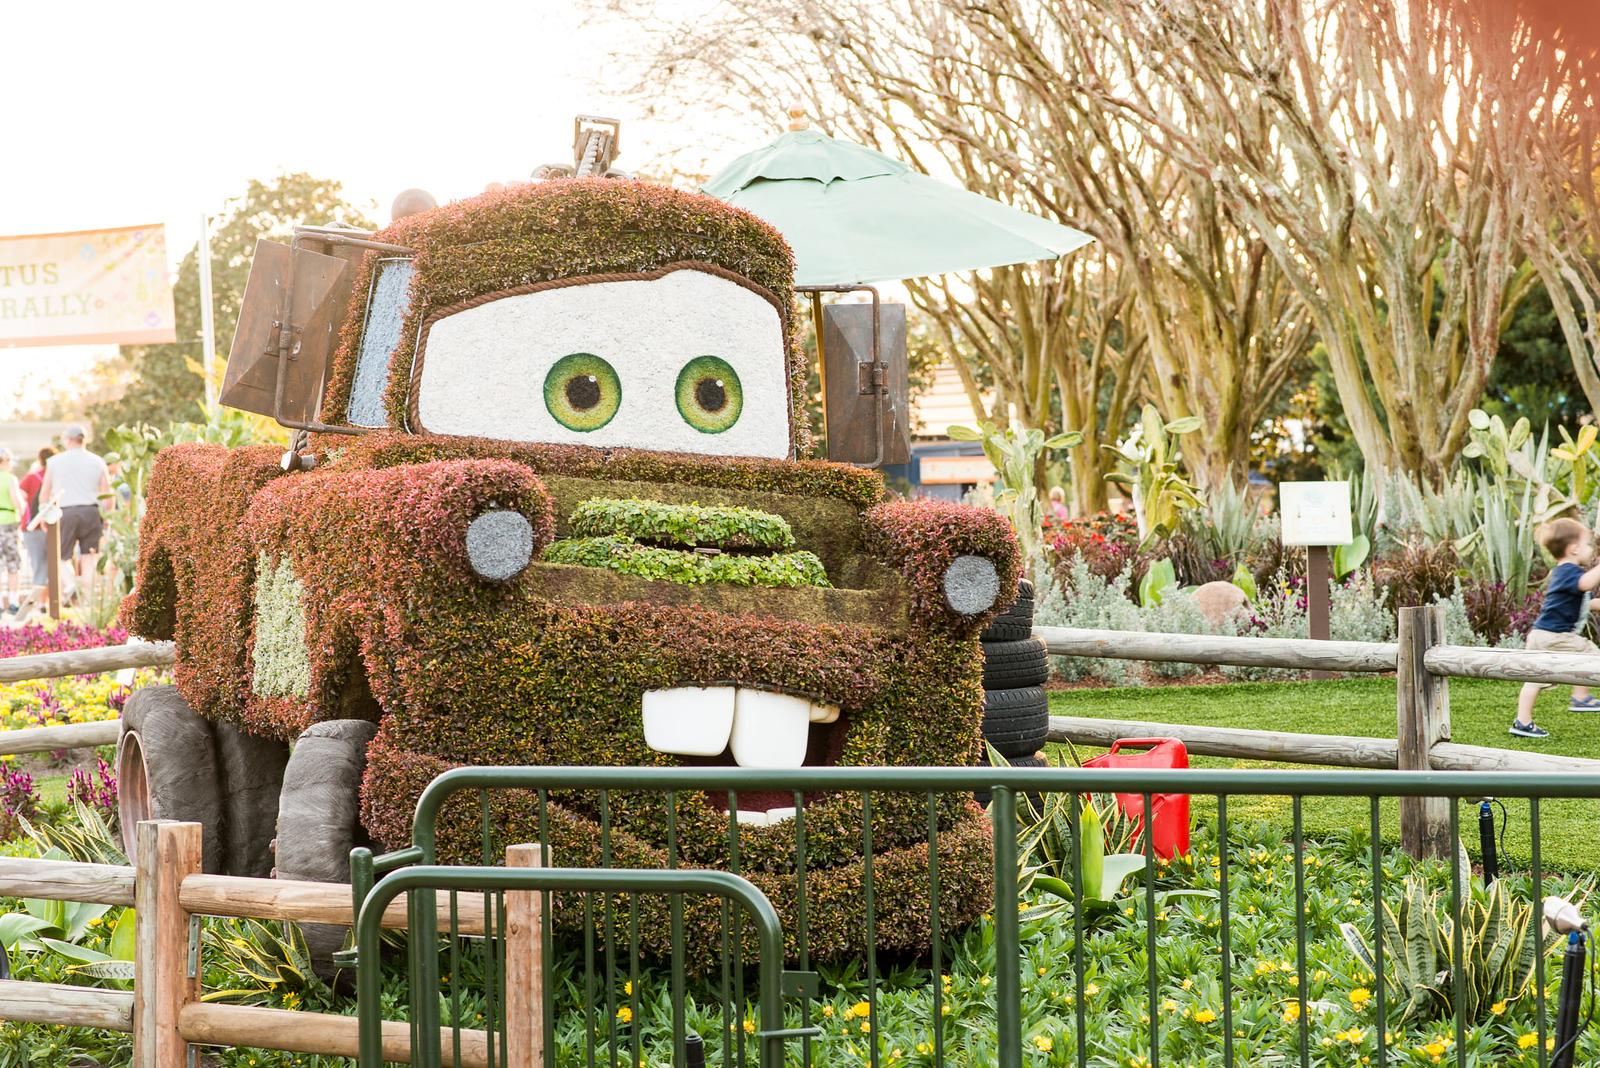 Mater Topiary - Epcot Flower & Garden Festival 2016